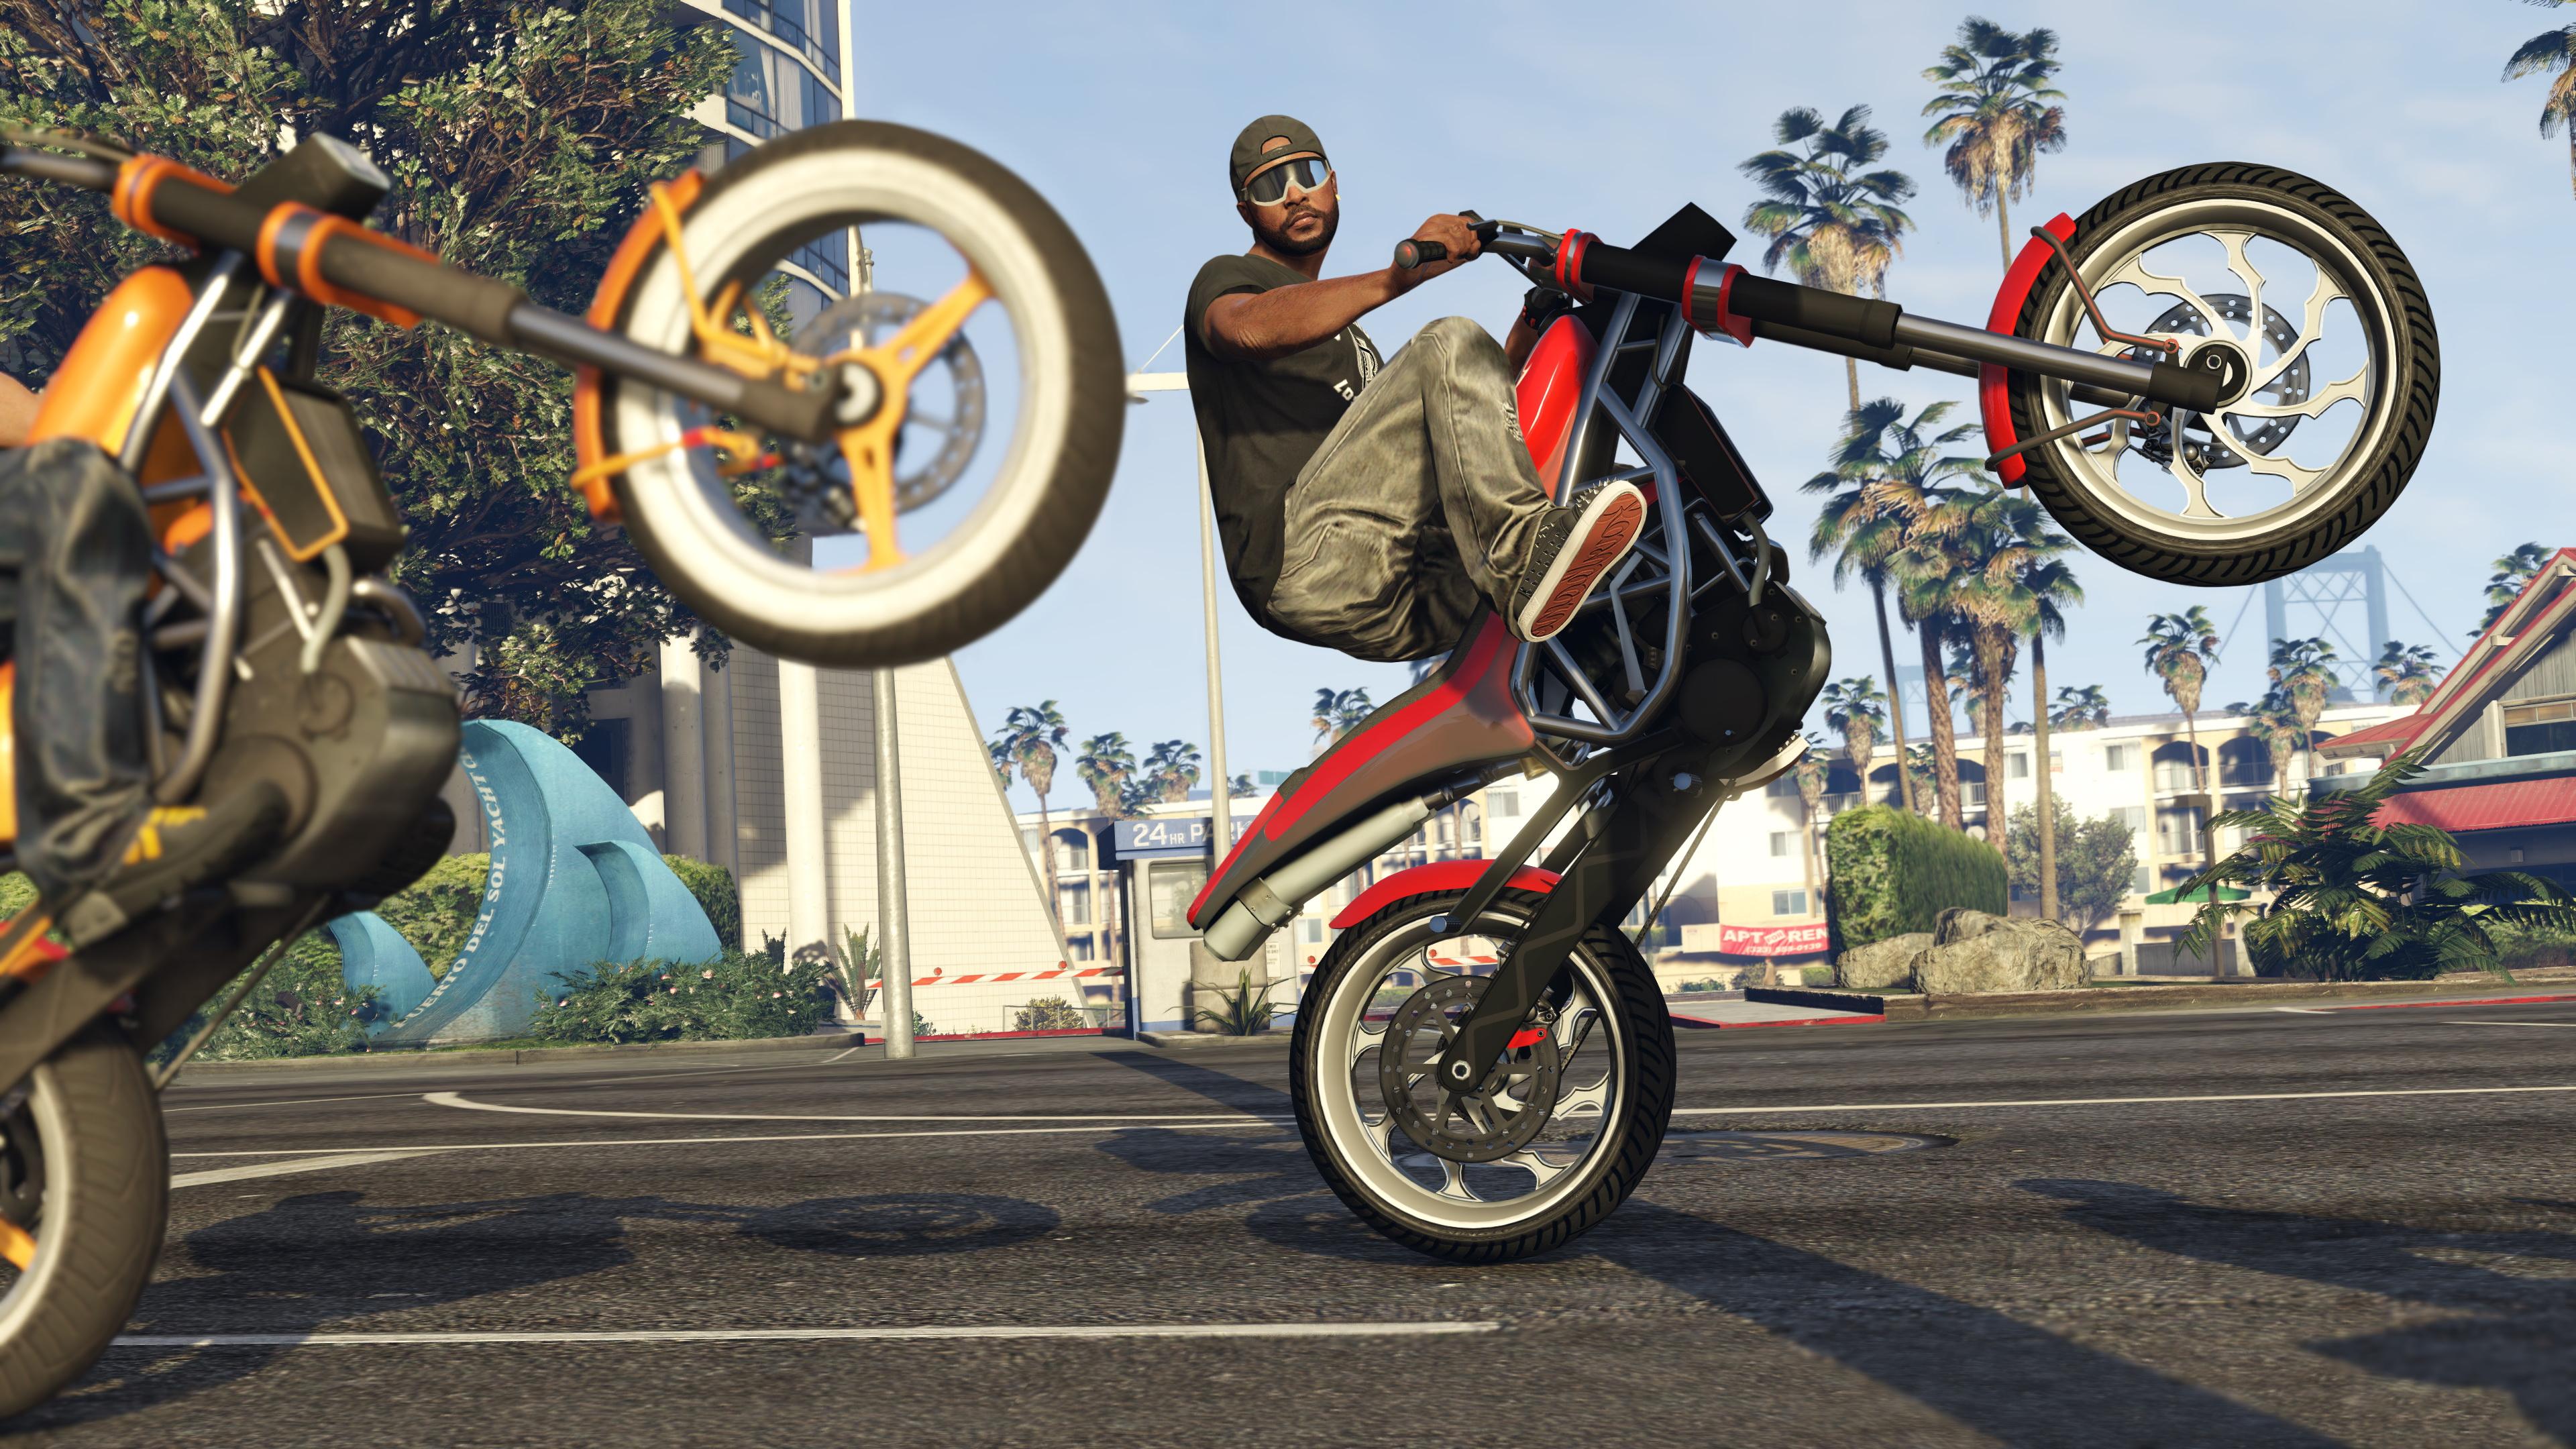 GTA 5 Biker DLC 1600x900 Resolution